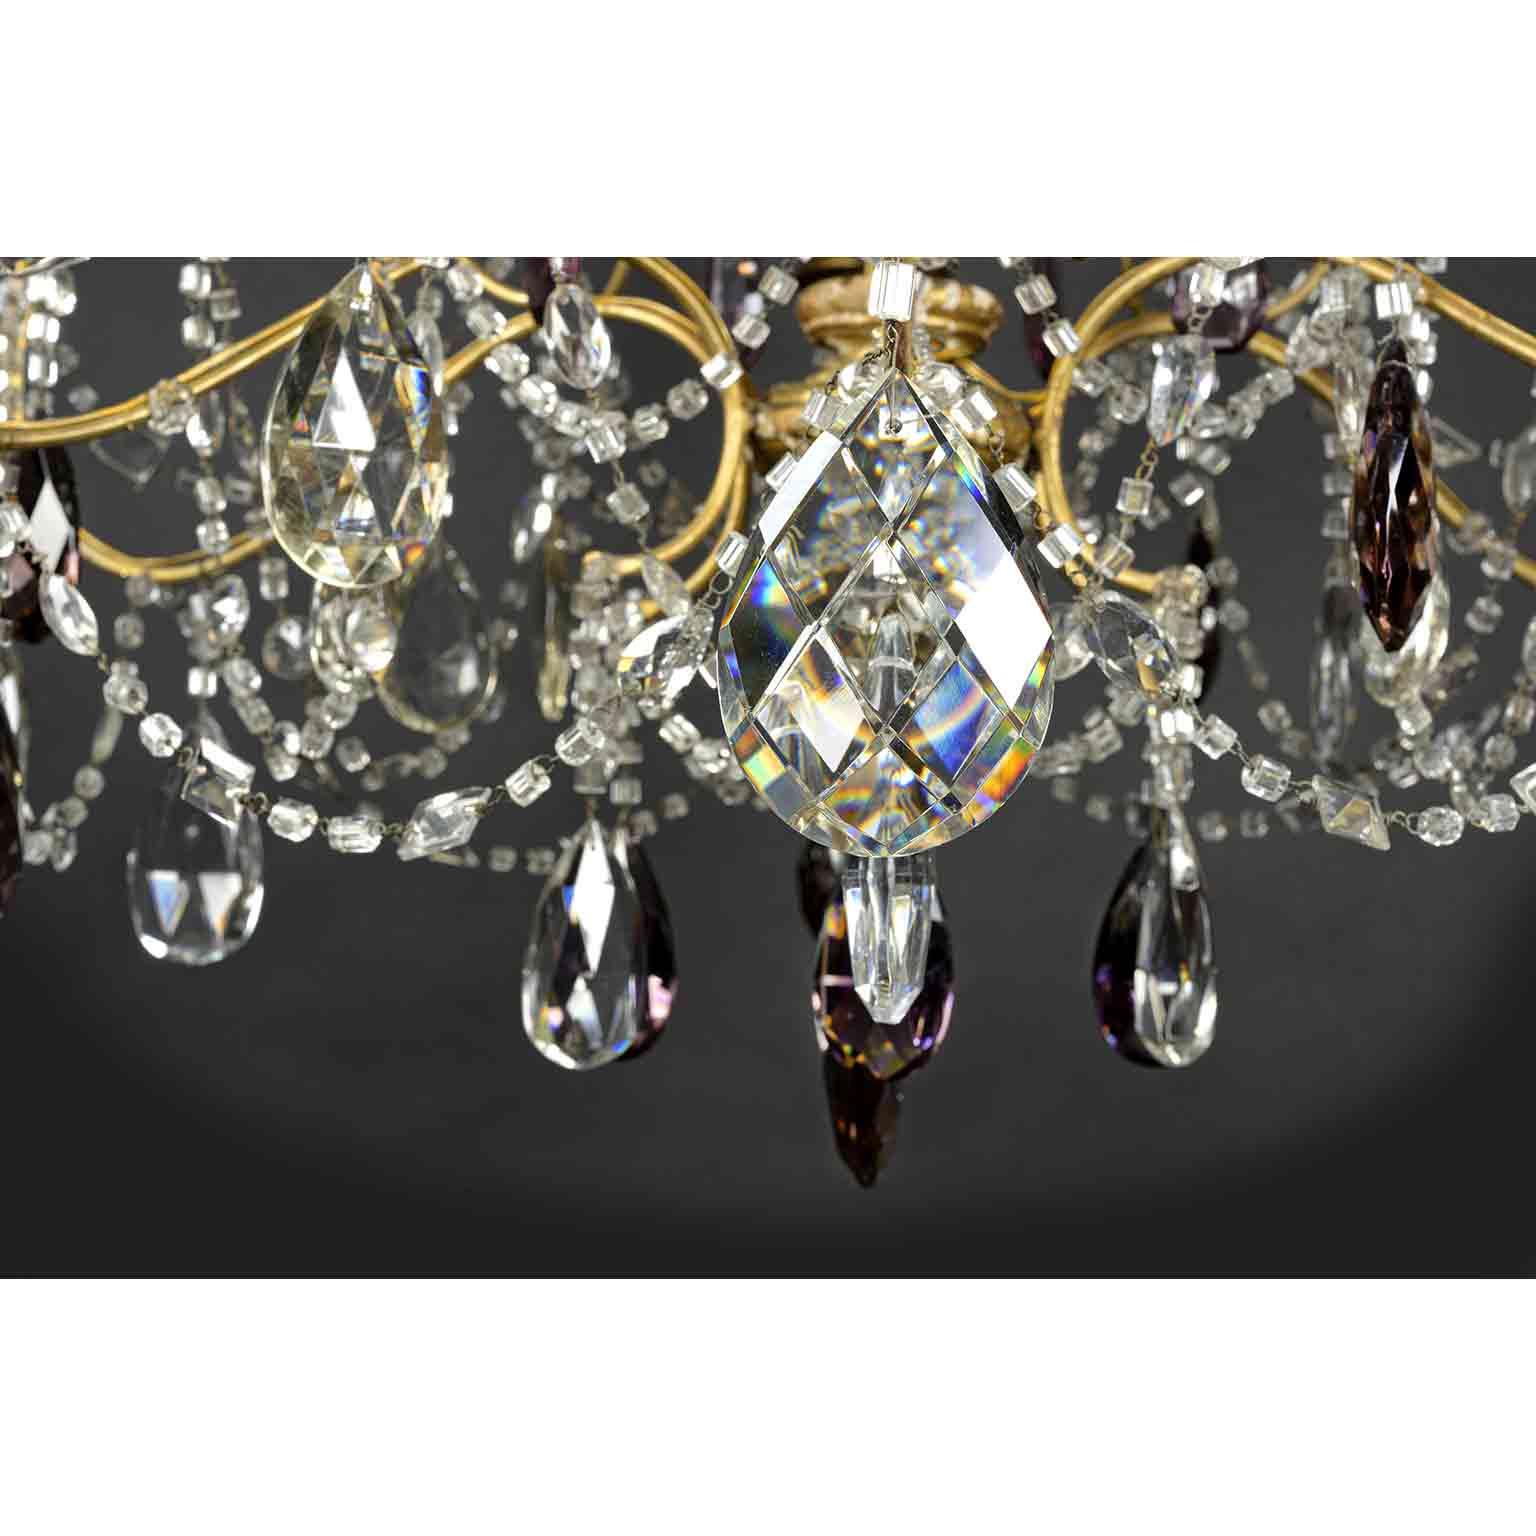 Antico lampadario maria teresa con gocce di cristallo. Grande Lampadario Ferro E Cristallo Ideale Per La Sala Da Pranzo